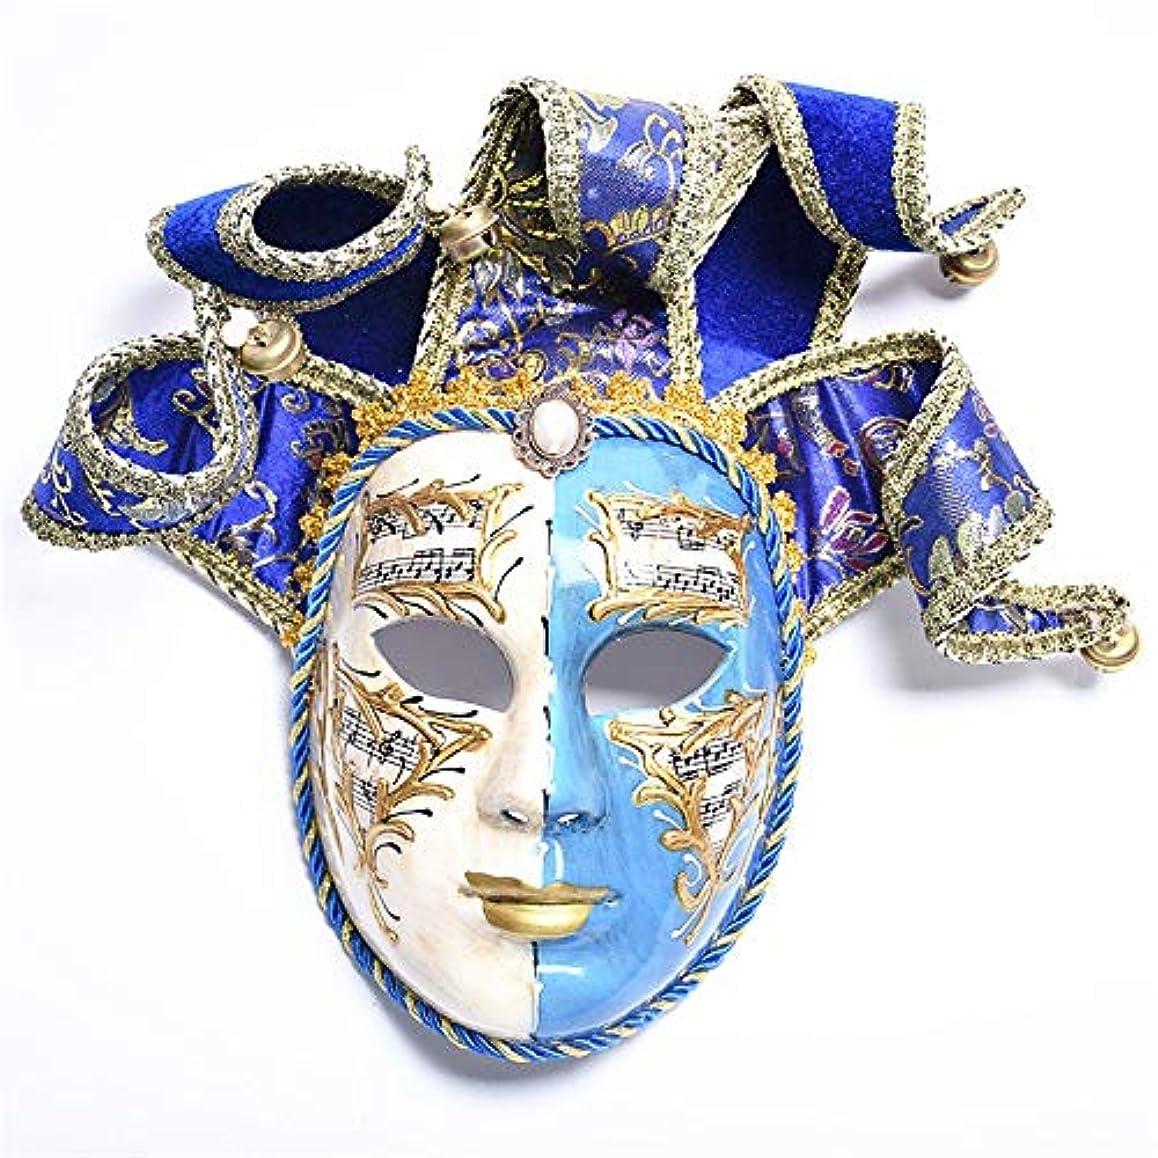 森林角度すごいダンスマスク 青と白の2色フルフェイスマスクパーティーマスカレードマスクハロウィーンカーニバル祭コスプレナイトクラブパーティーマスク ホリデーパーティー用品 (色 : 青, サイズ : 33x31cm)